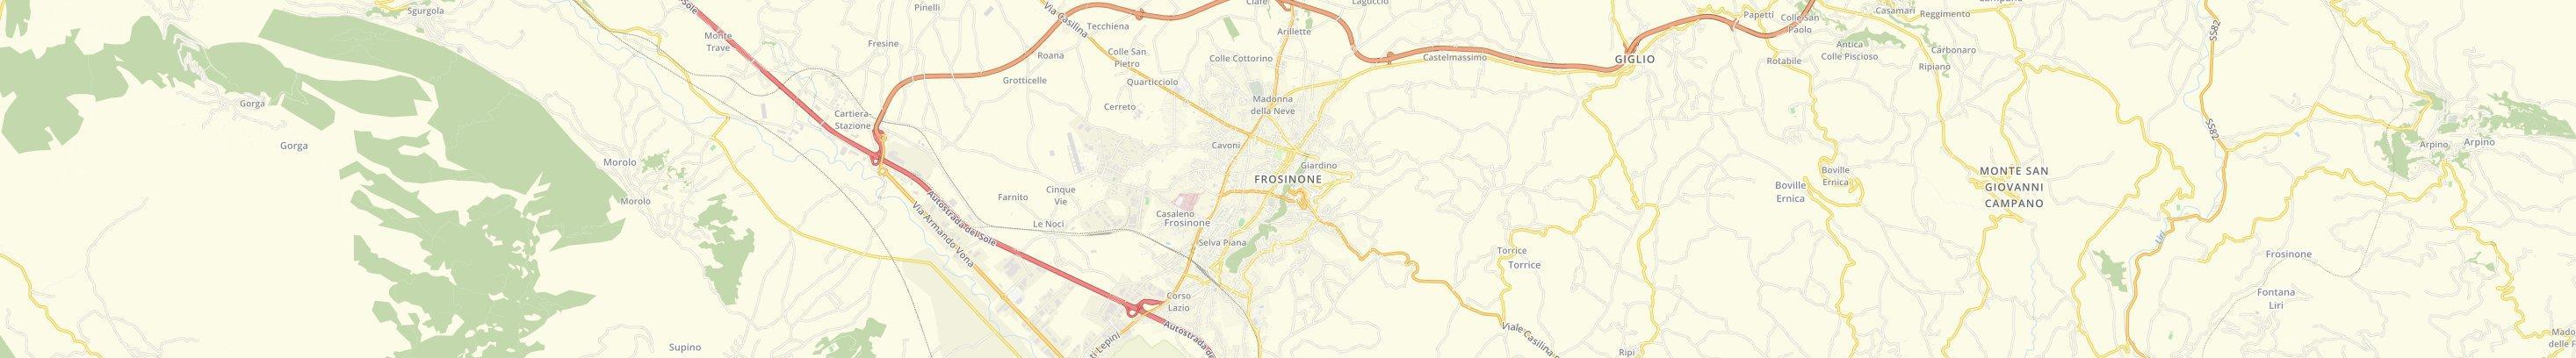 Impresa In Un Giorno Frosinone suap di frosinone - impresainungiorno.gov.it